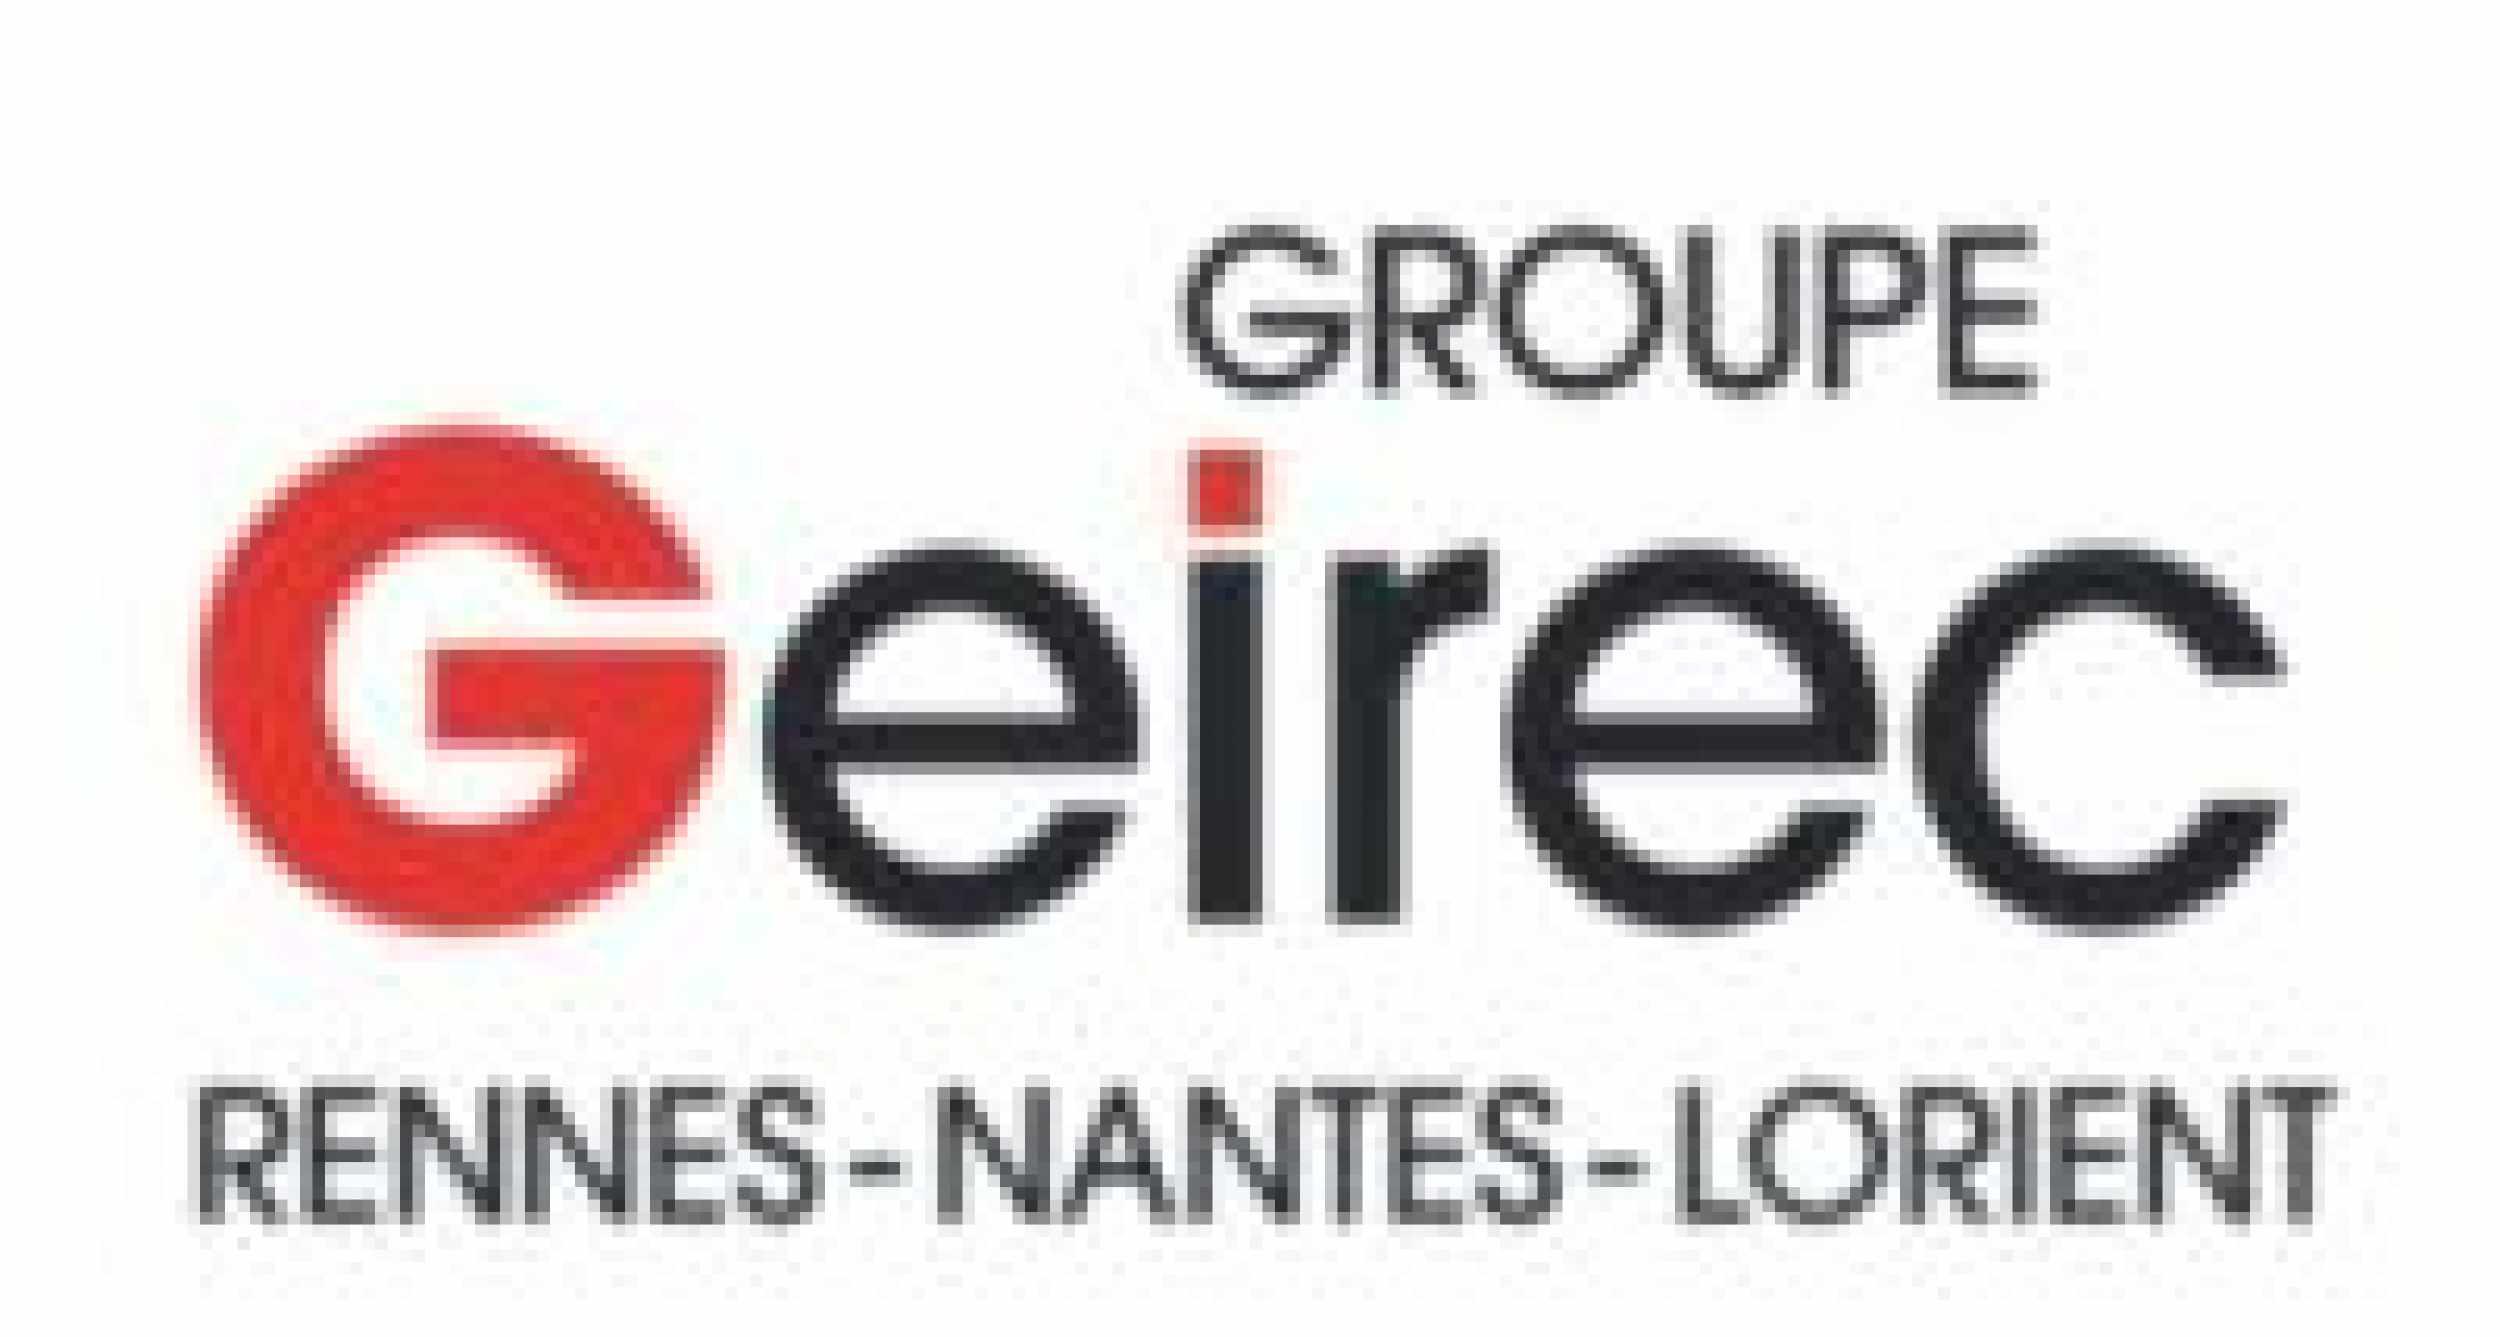 geirec-e1605699333892